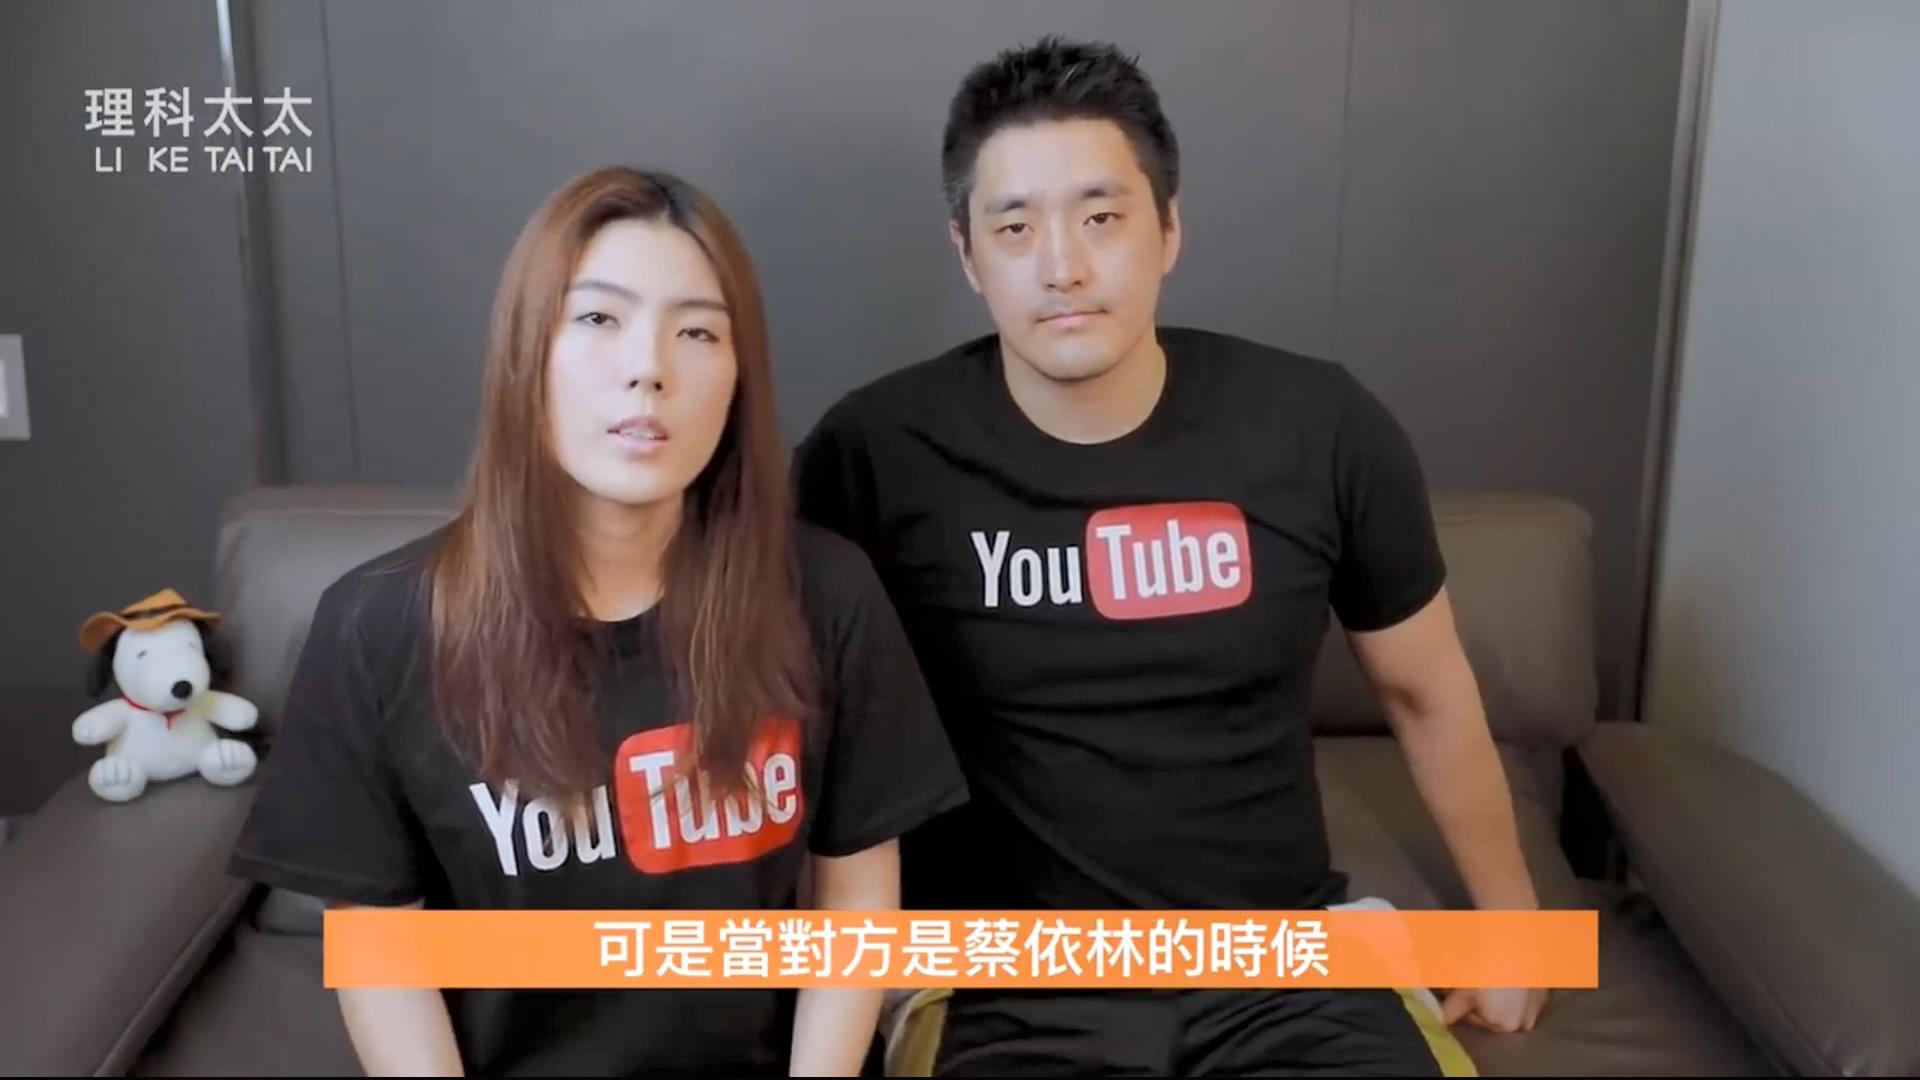 圖/翻攝自理科太太youtube